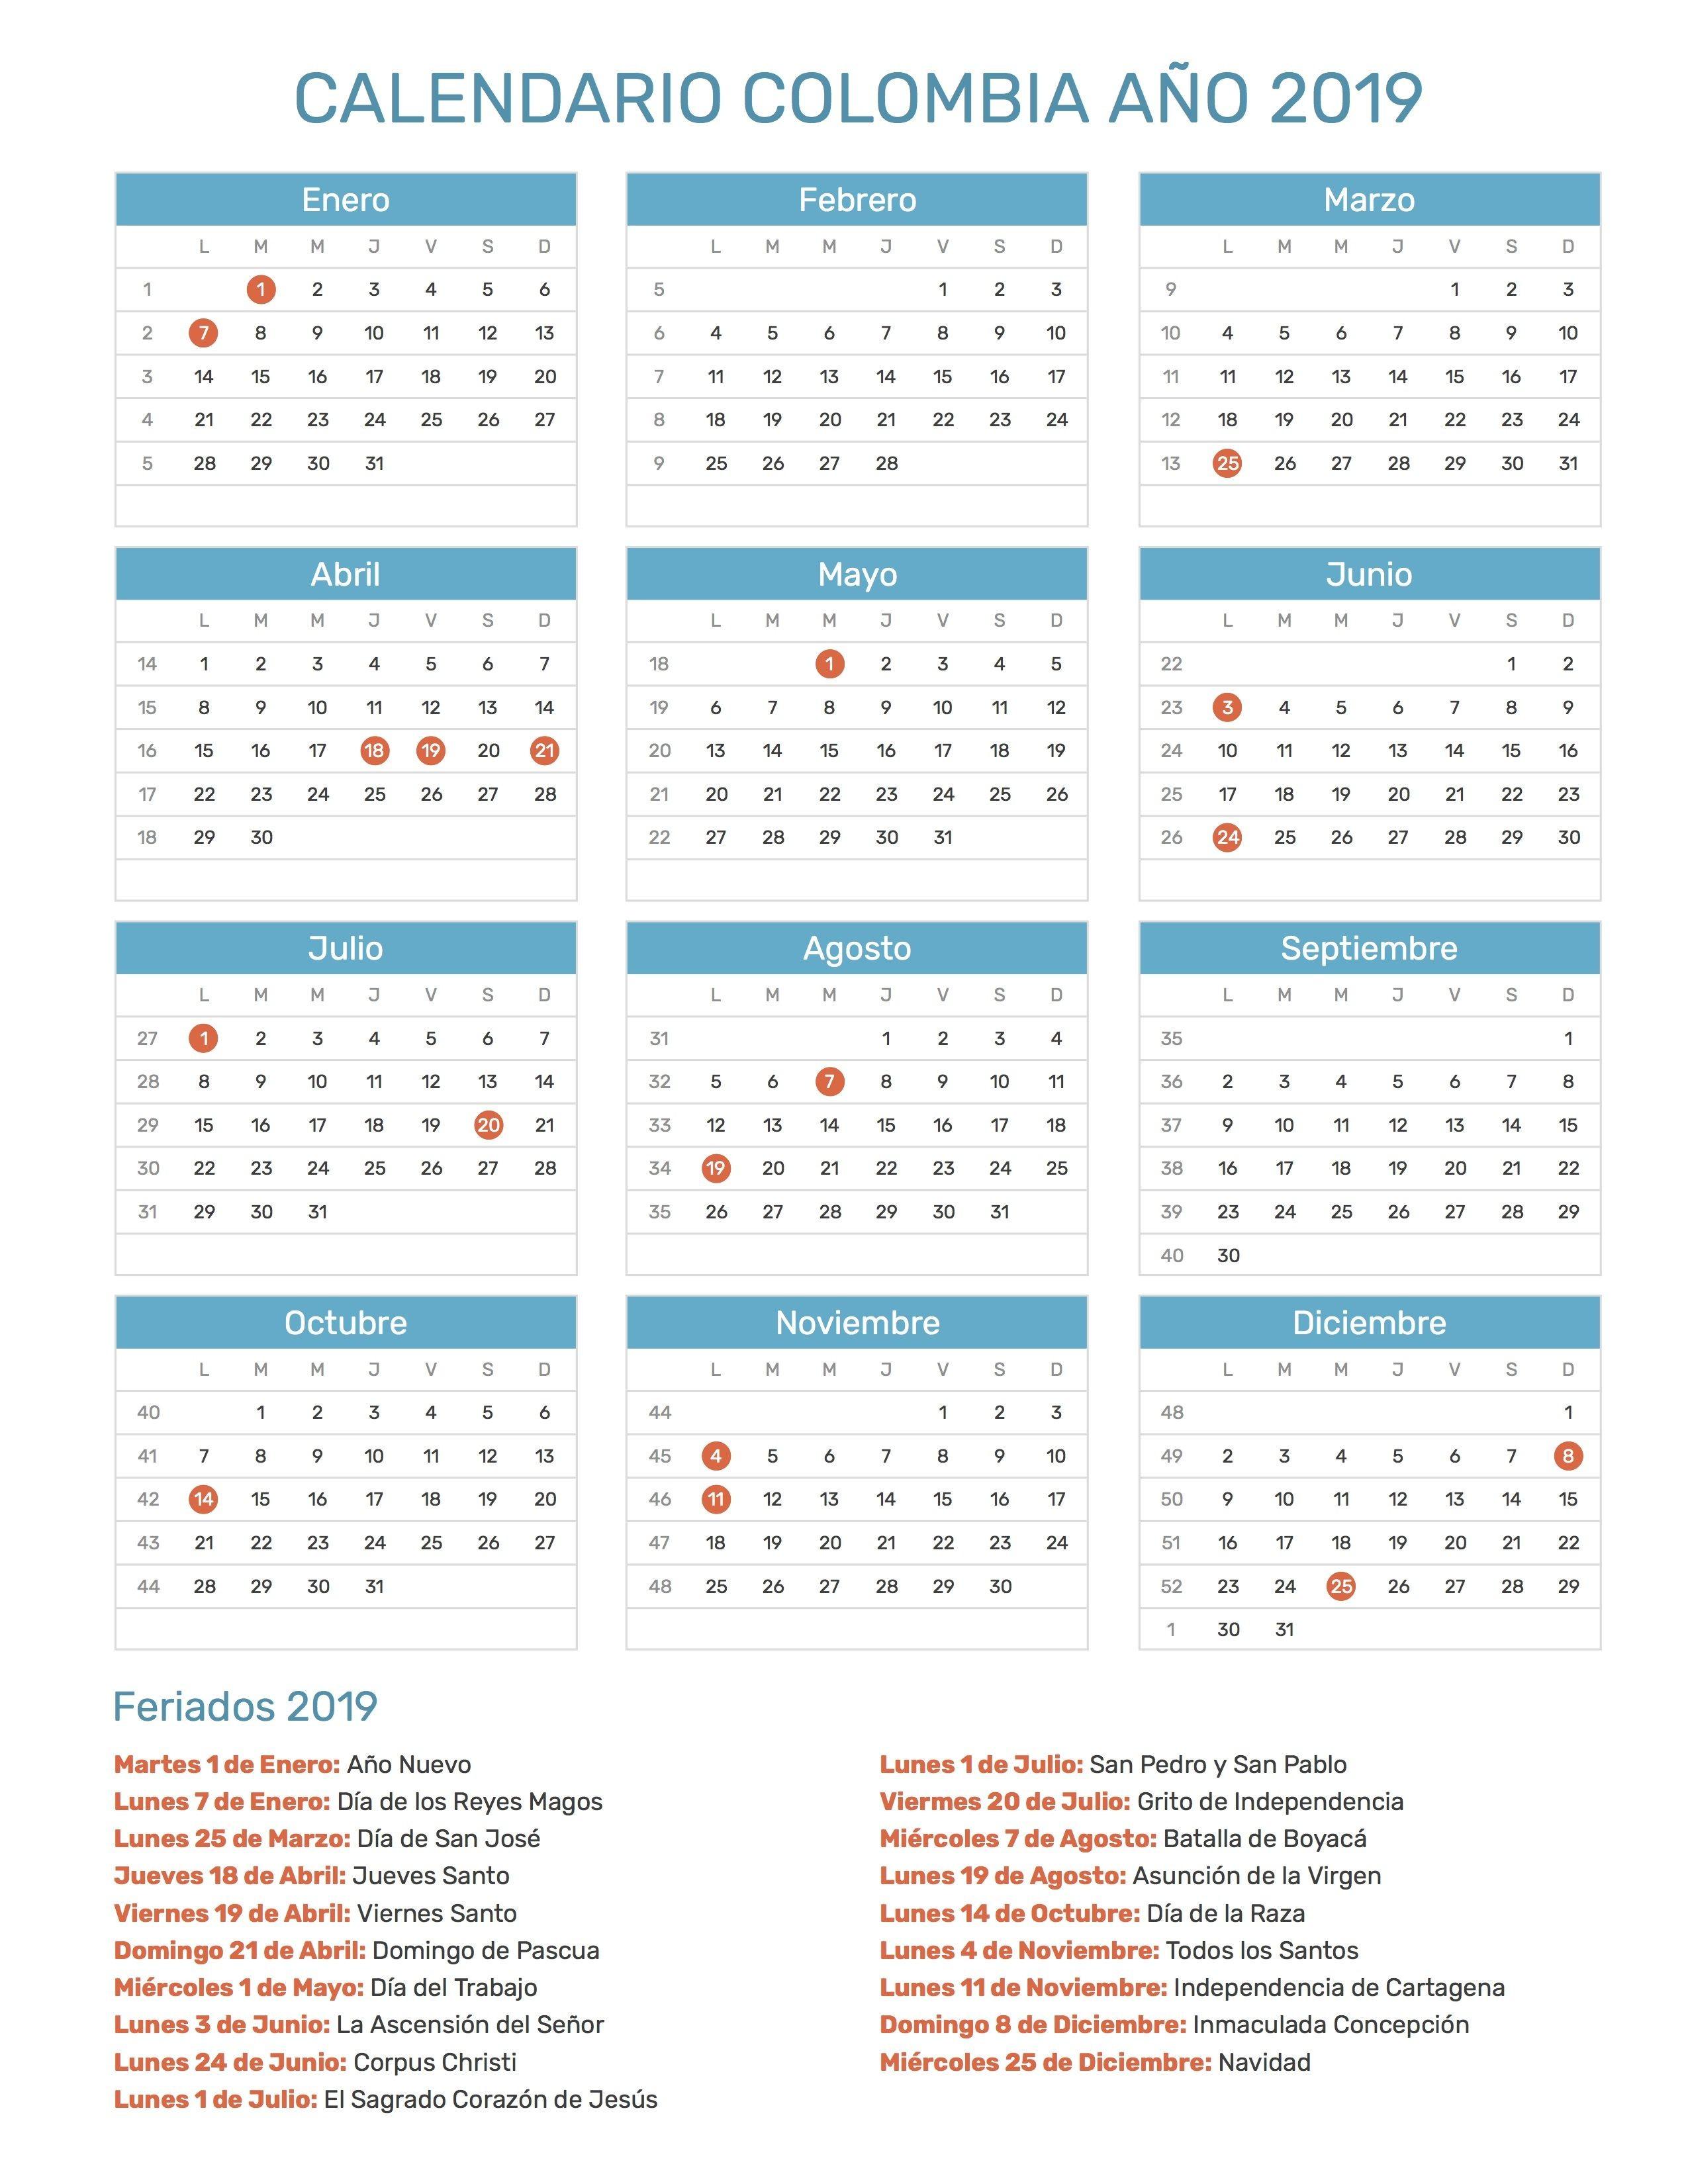 Calendario de Colombia con feriados nacionales a±o 2019 Incluye versi³n para imprimir en formato JPG